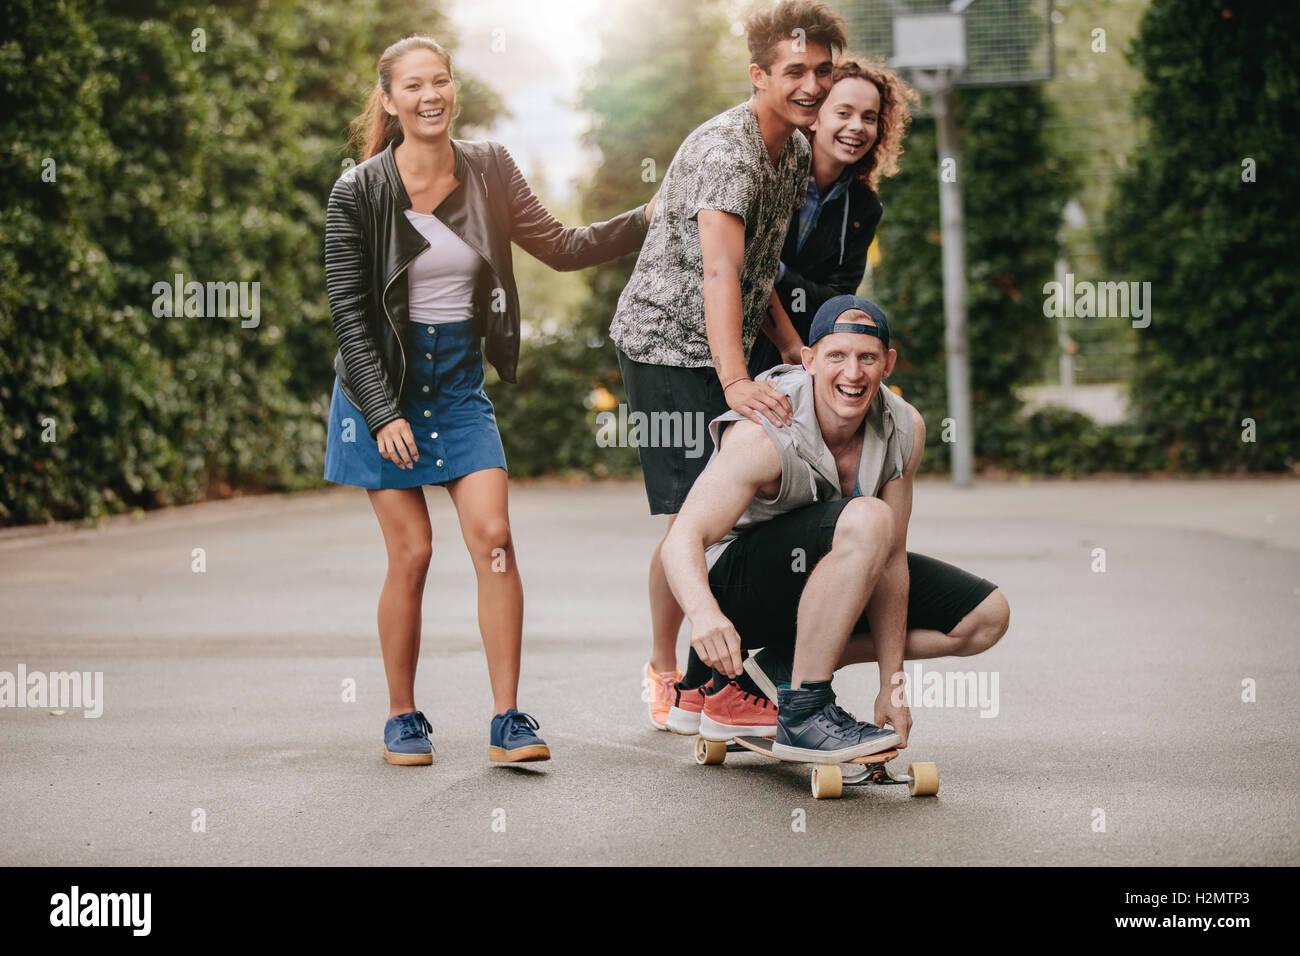 Voller Länge Schuss Teenager Jungs auf Skateboard mit Mädchen. Heterogene Gruppe von Freunde, die Spaß Stockbild